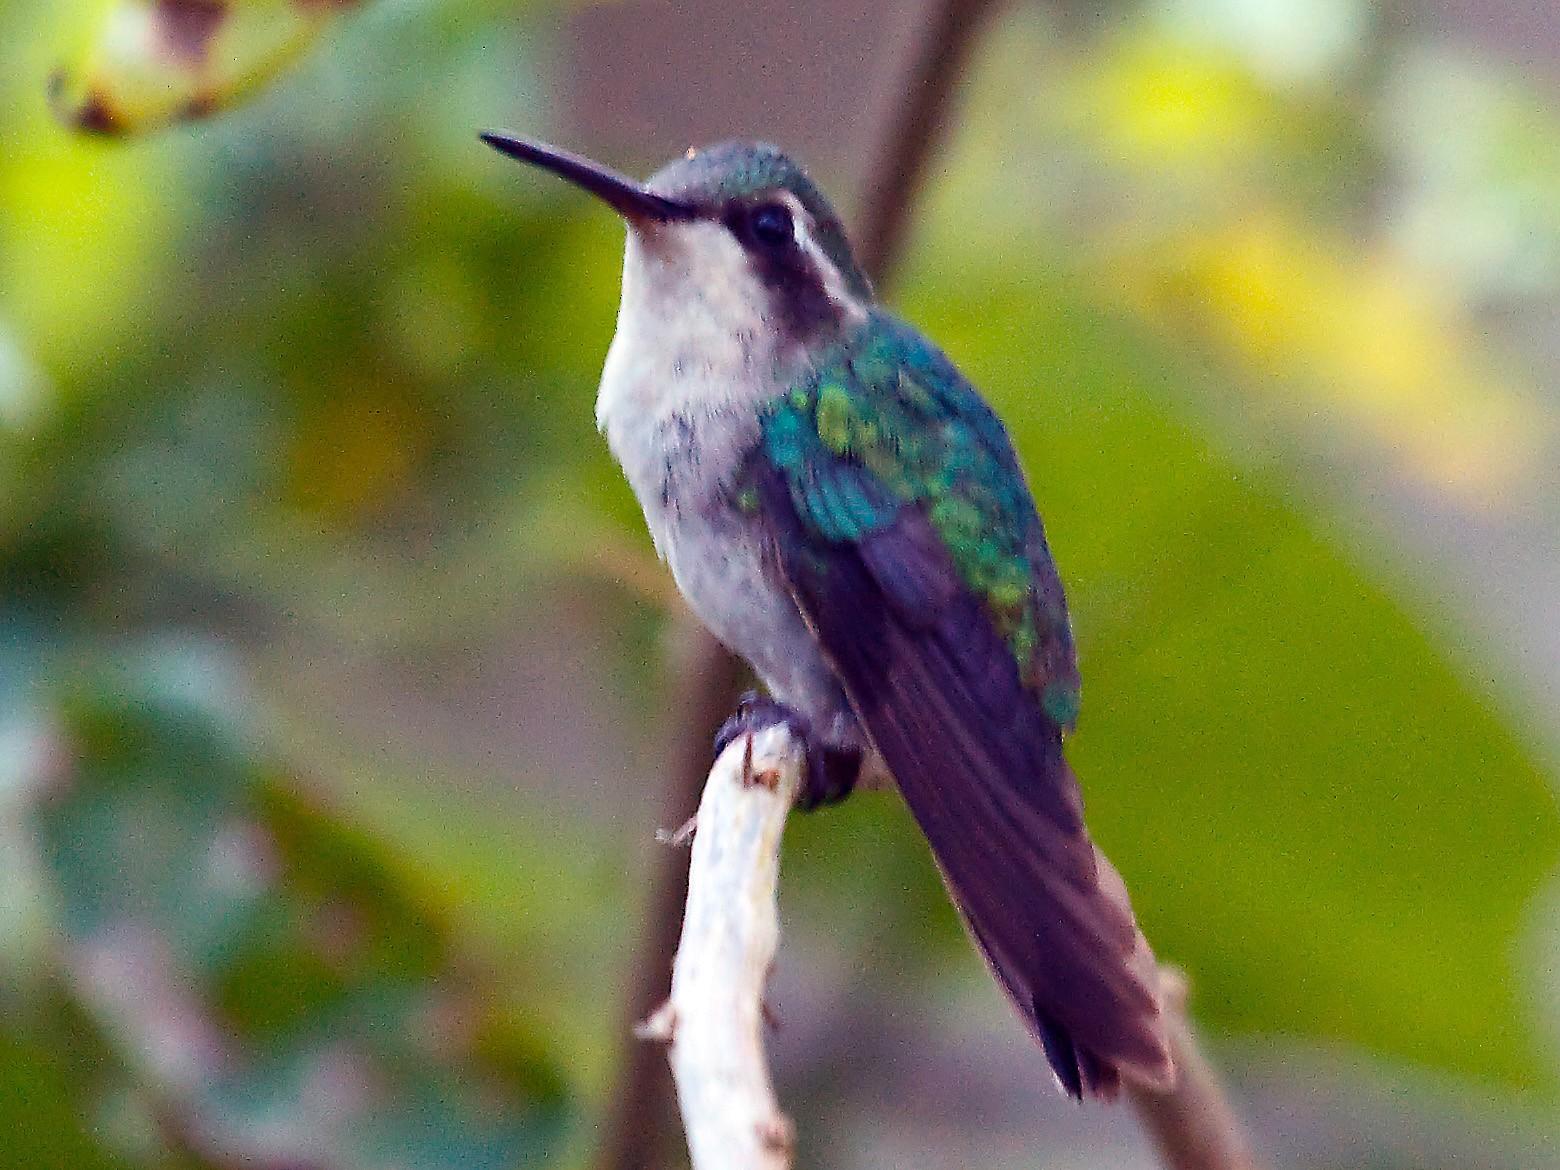 Short-tailed Emerald - Nigel Voaden